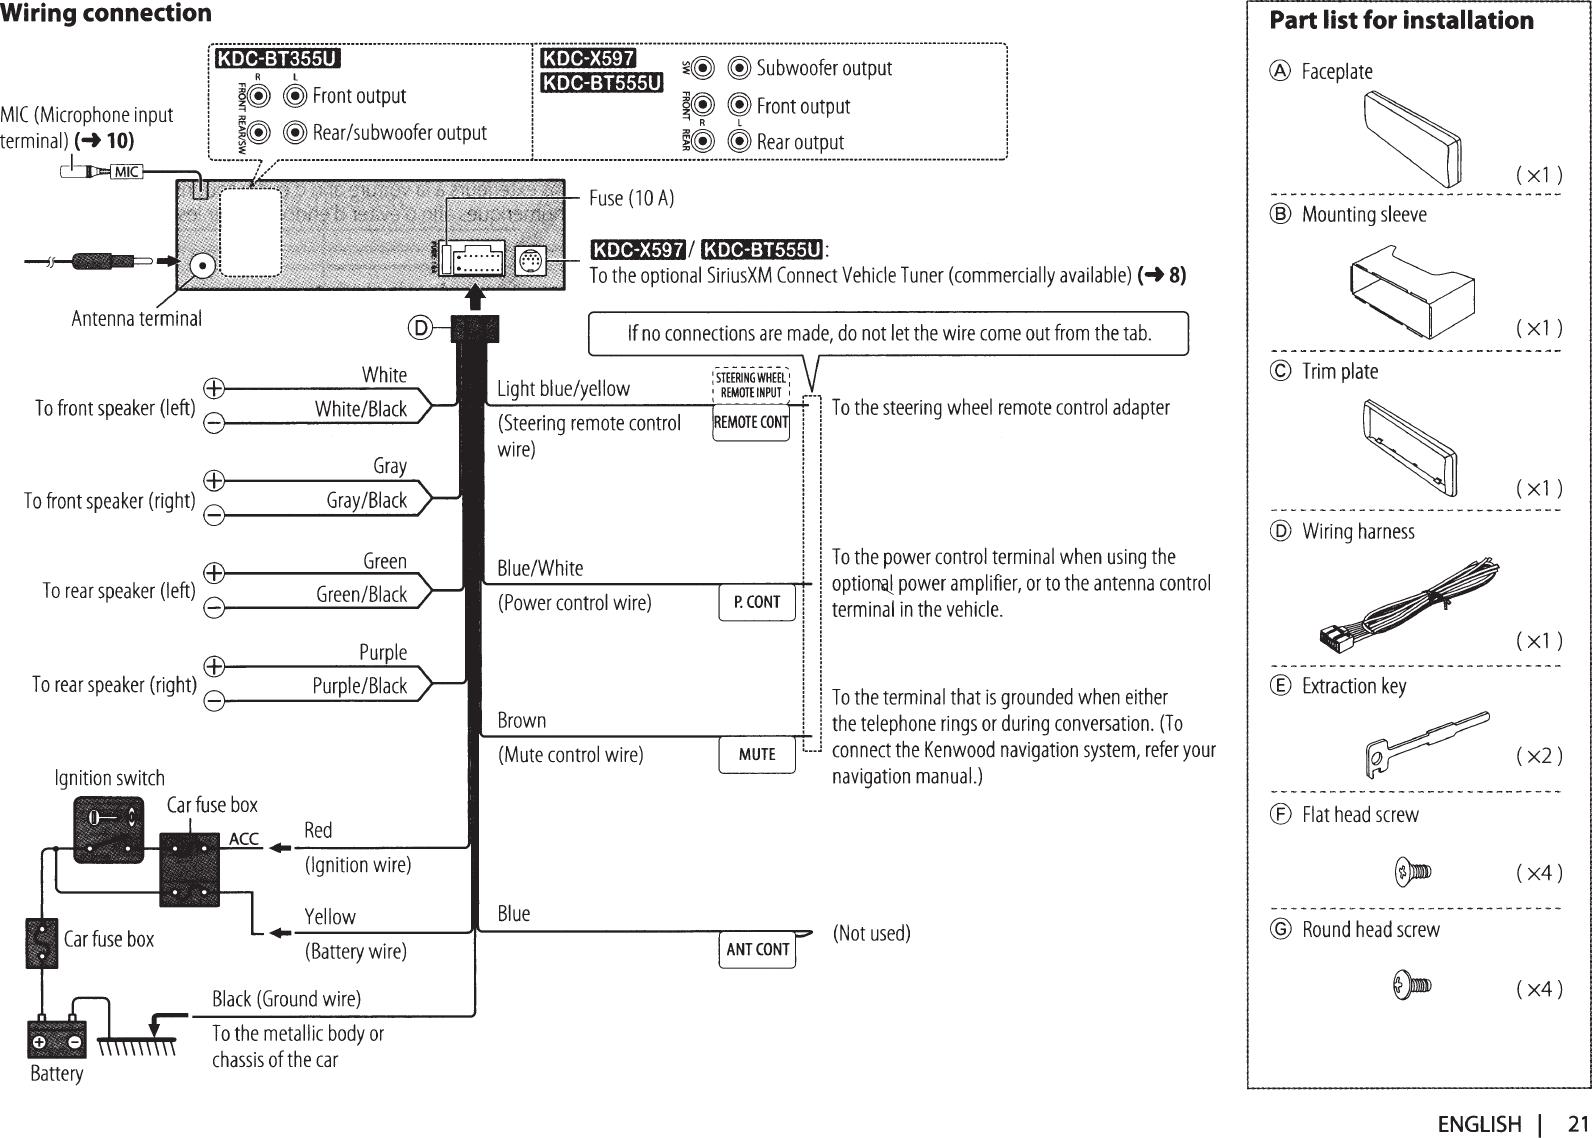 Kenwood Kdc X597 Wiring Diagram - Wiring Diagram K10 on